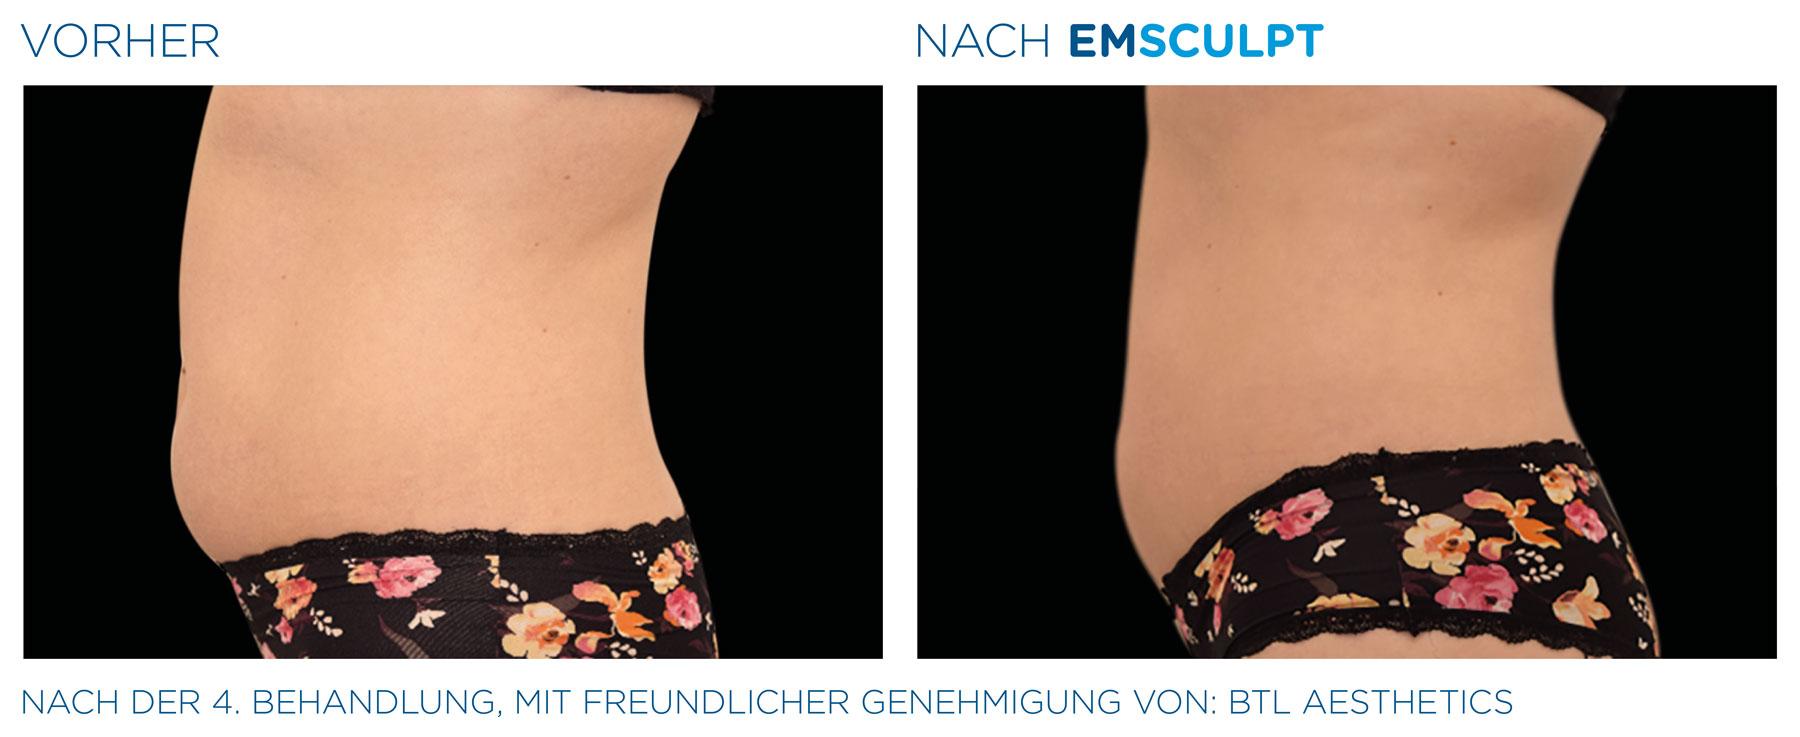 EMSculpt Vorher-Nachher-Bild Bauch